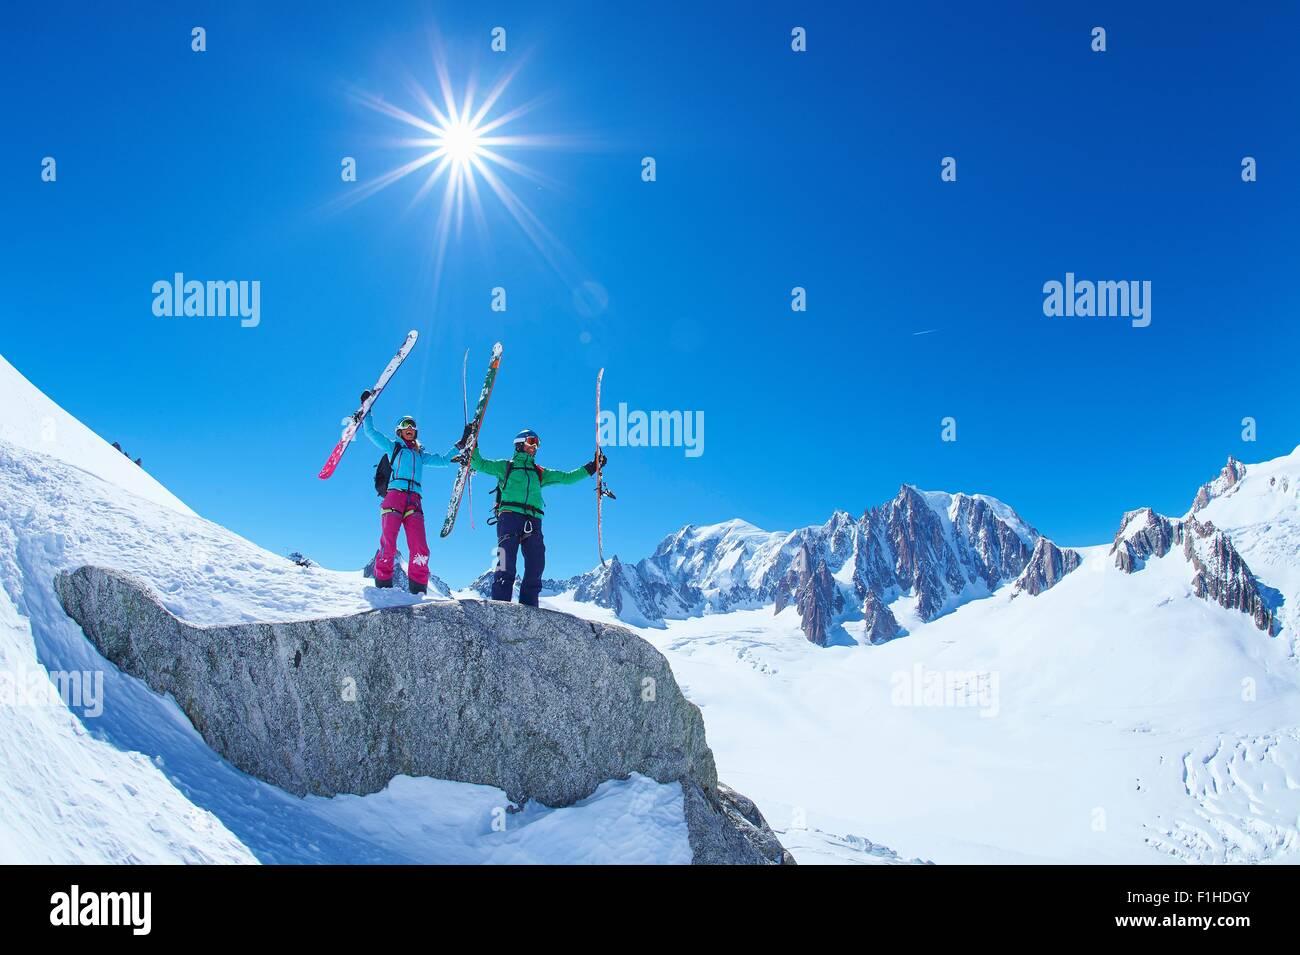 Männliche und weibliche Skifahrer Ski hält's auf Mont-Blanc-Massiv, Graian Alpen, Frankreich Stockbild